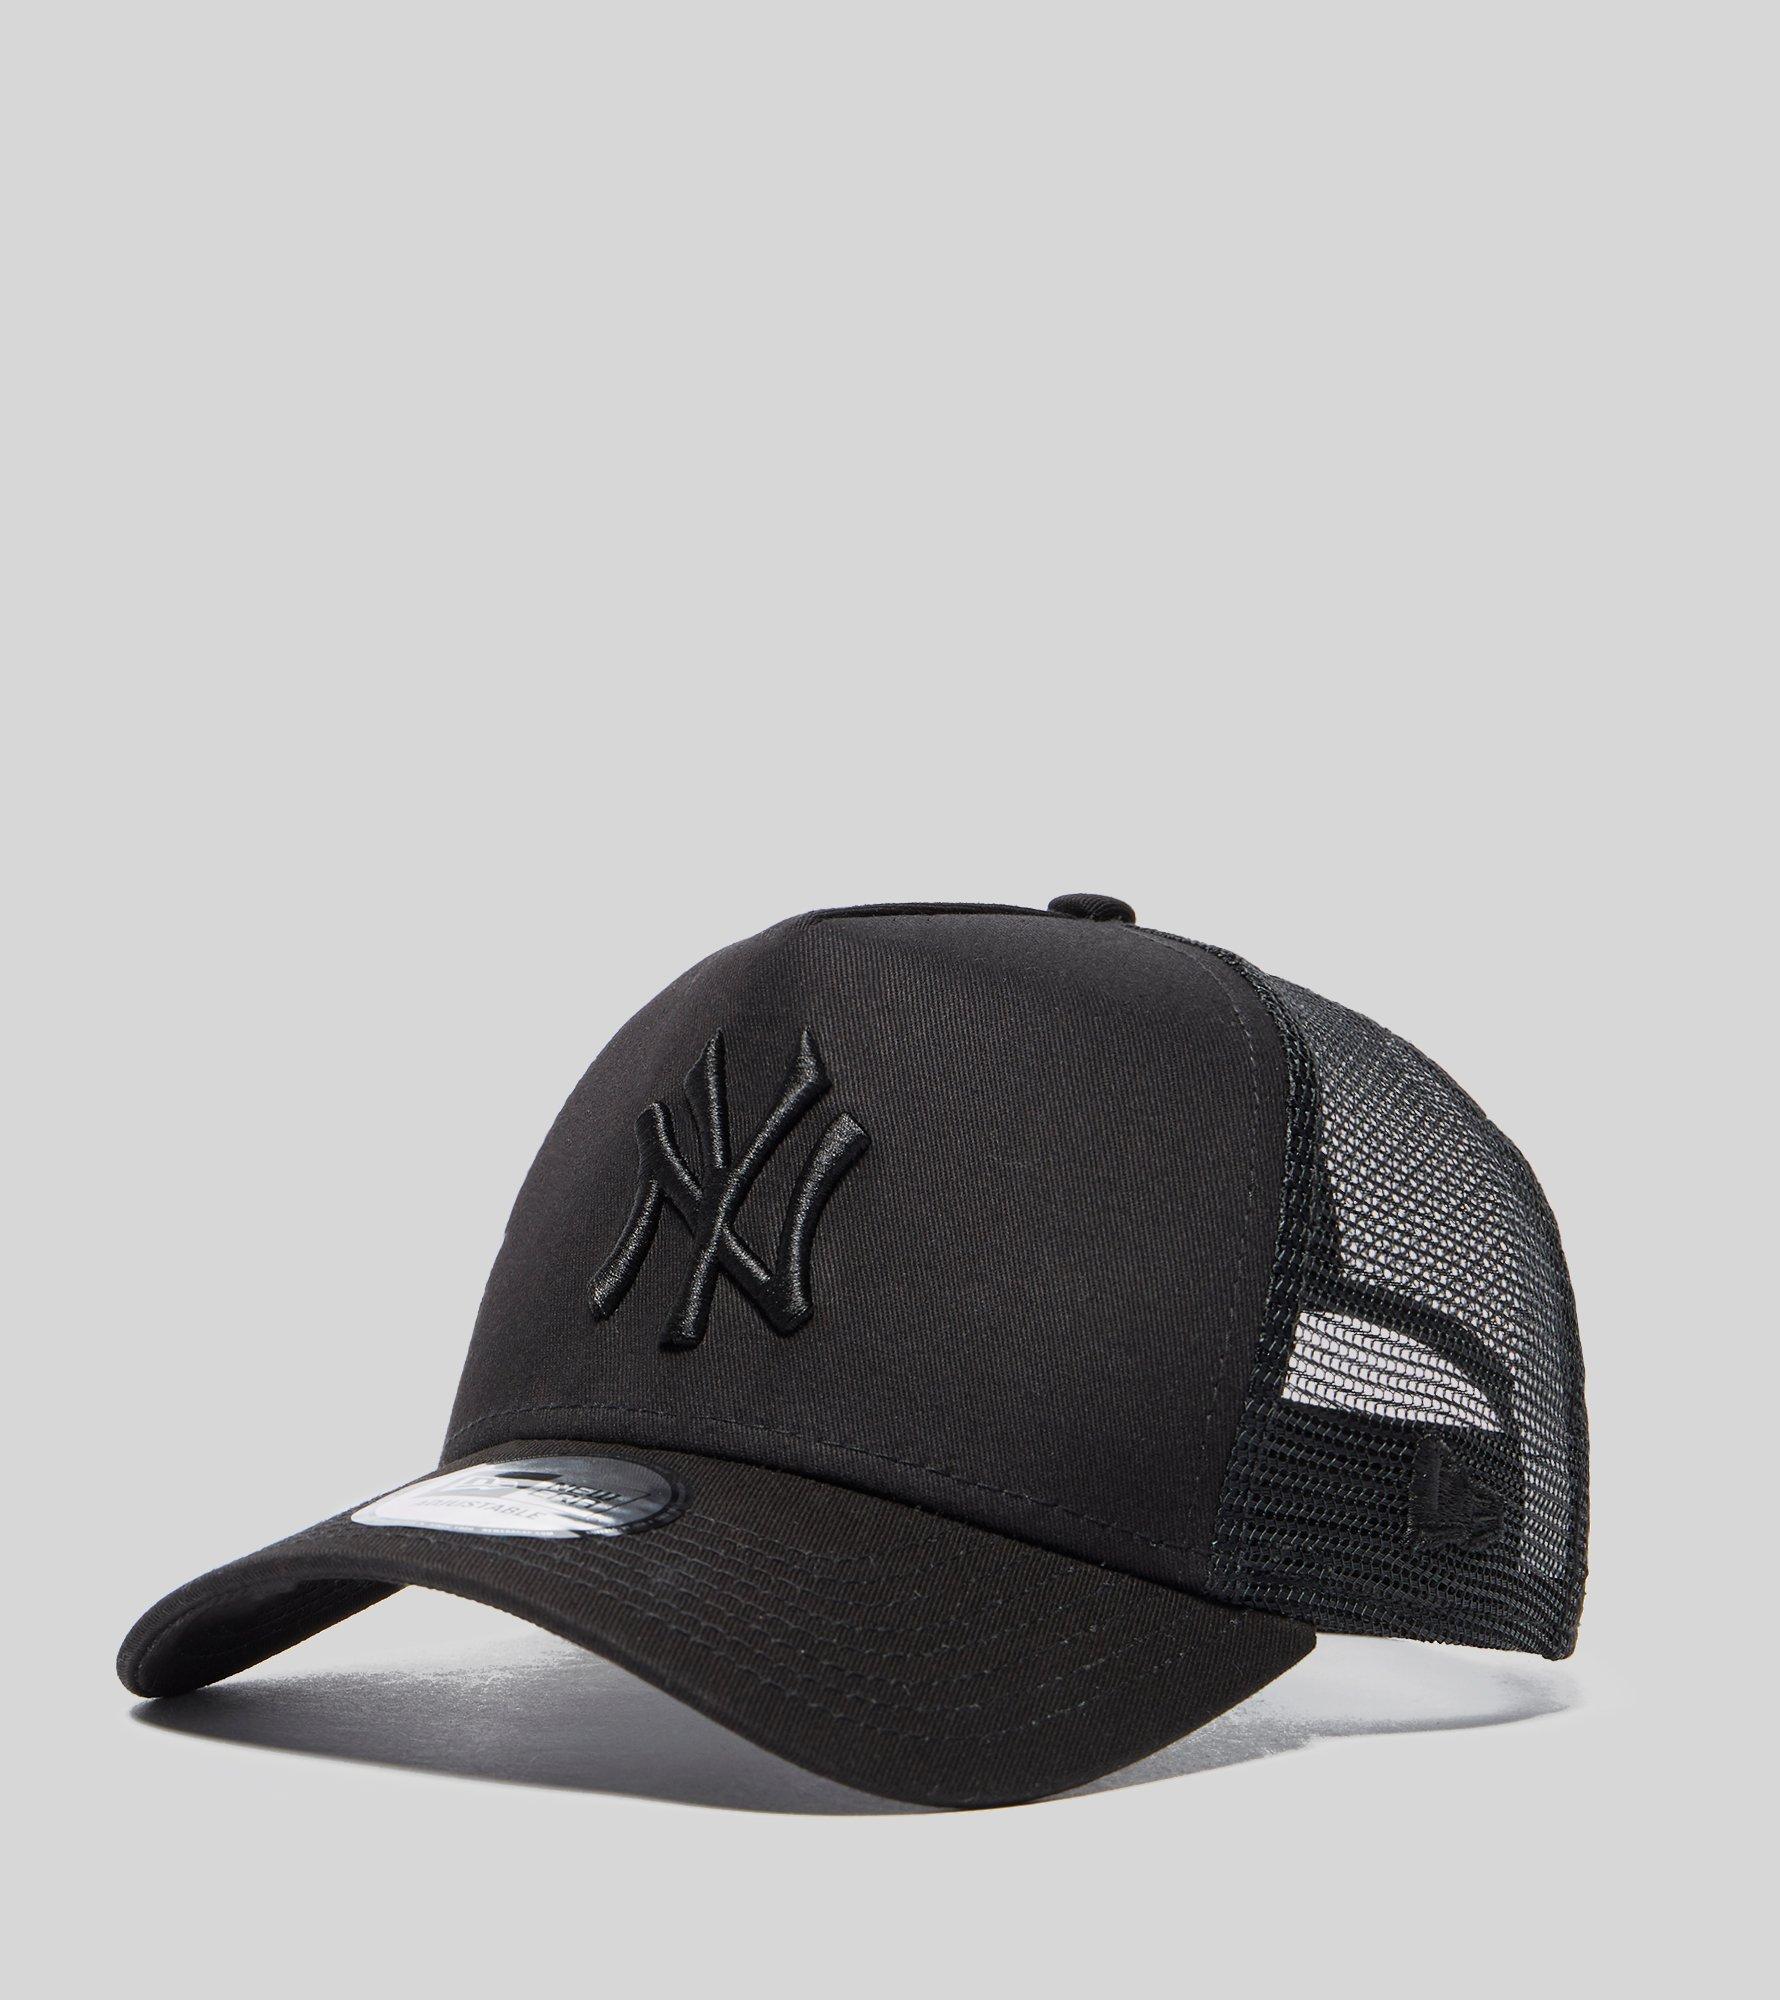 KTZ Mlb New York Yankees Snapback Trucker Cap in Black for Men ... 79e83ce1e3d9